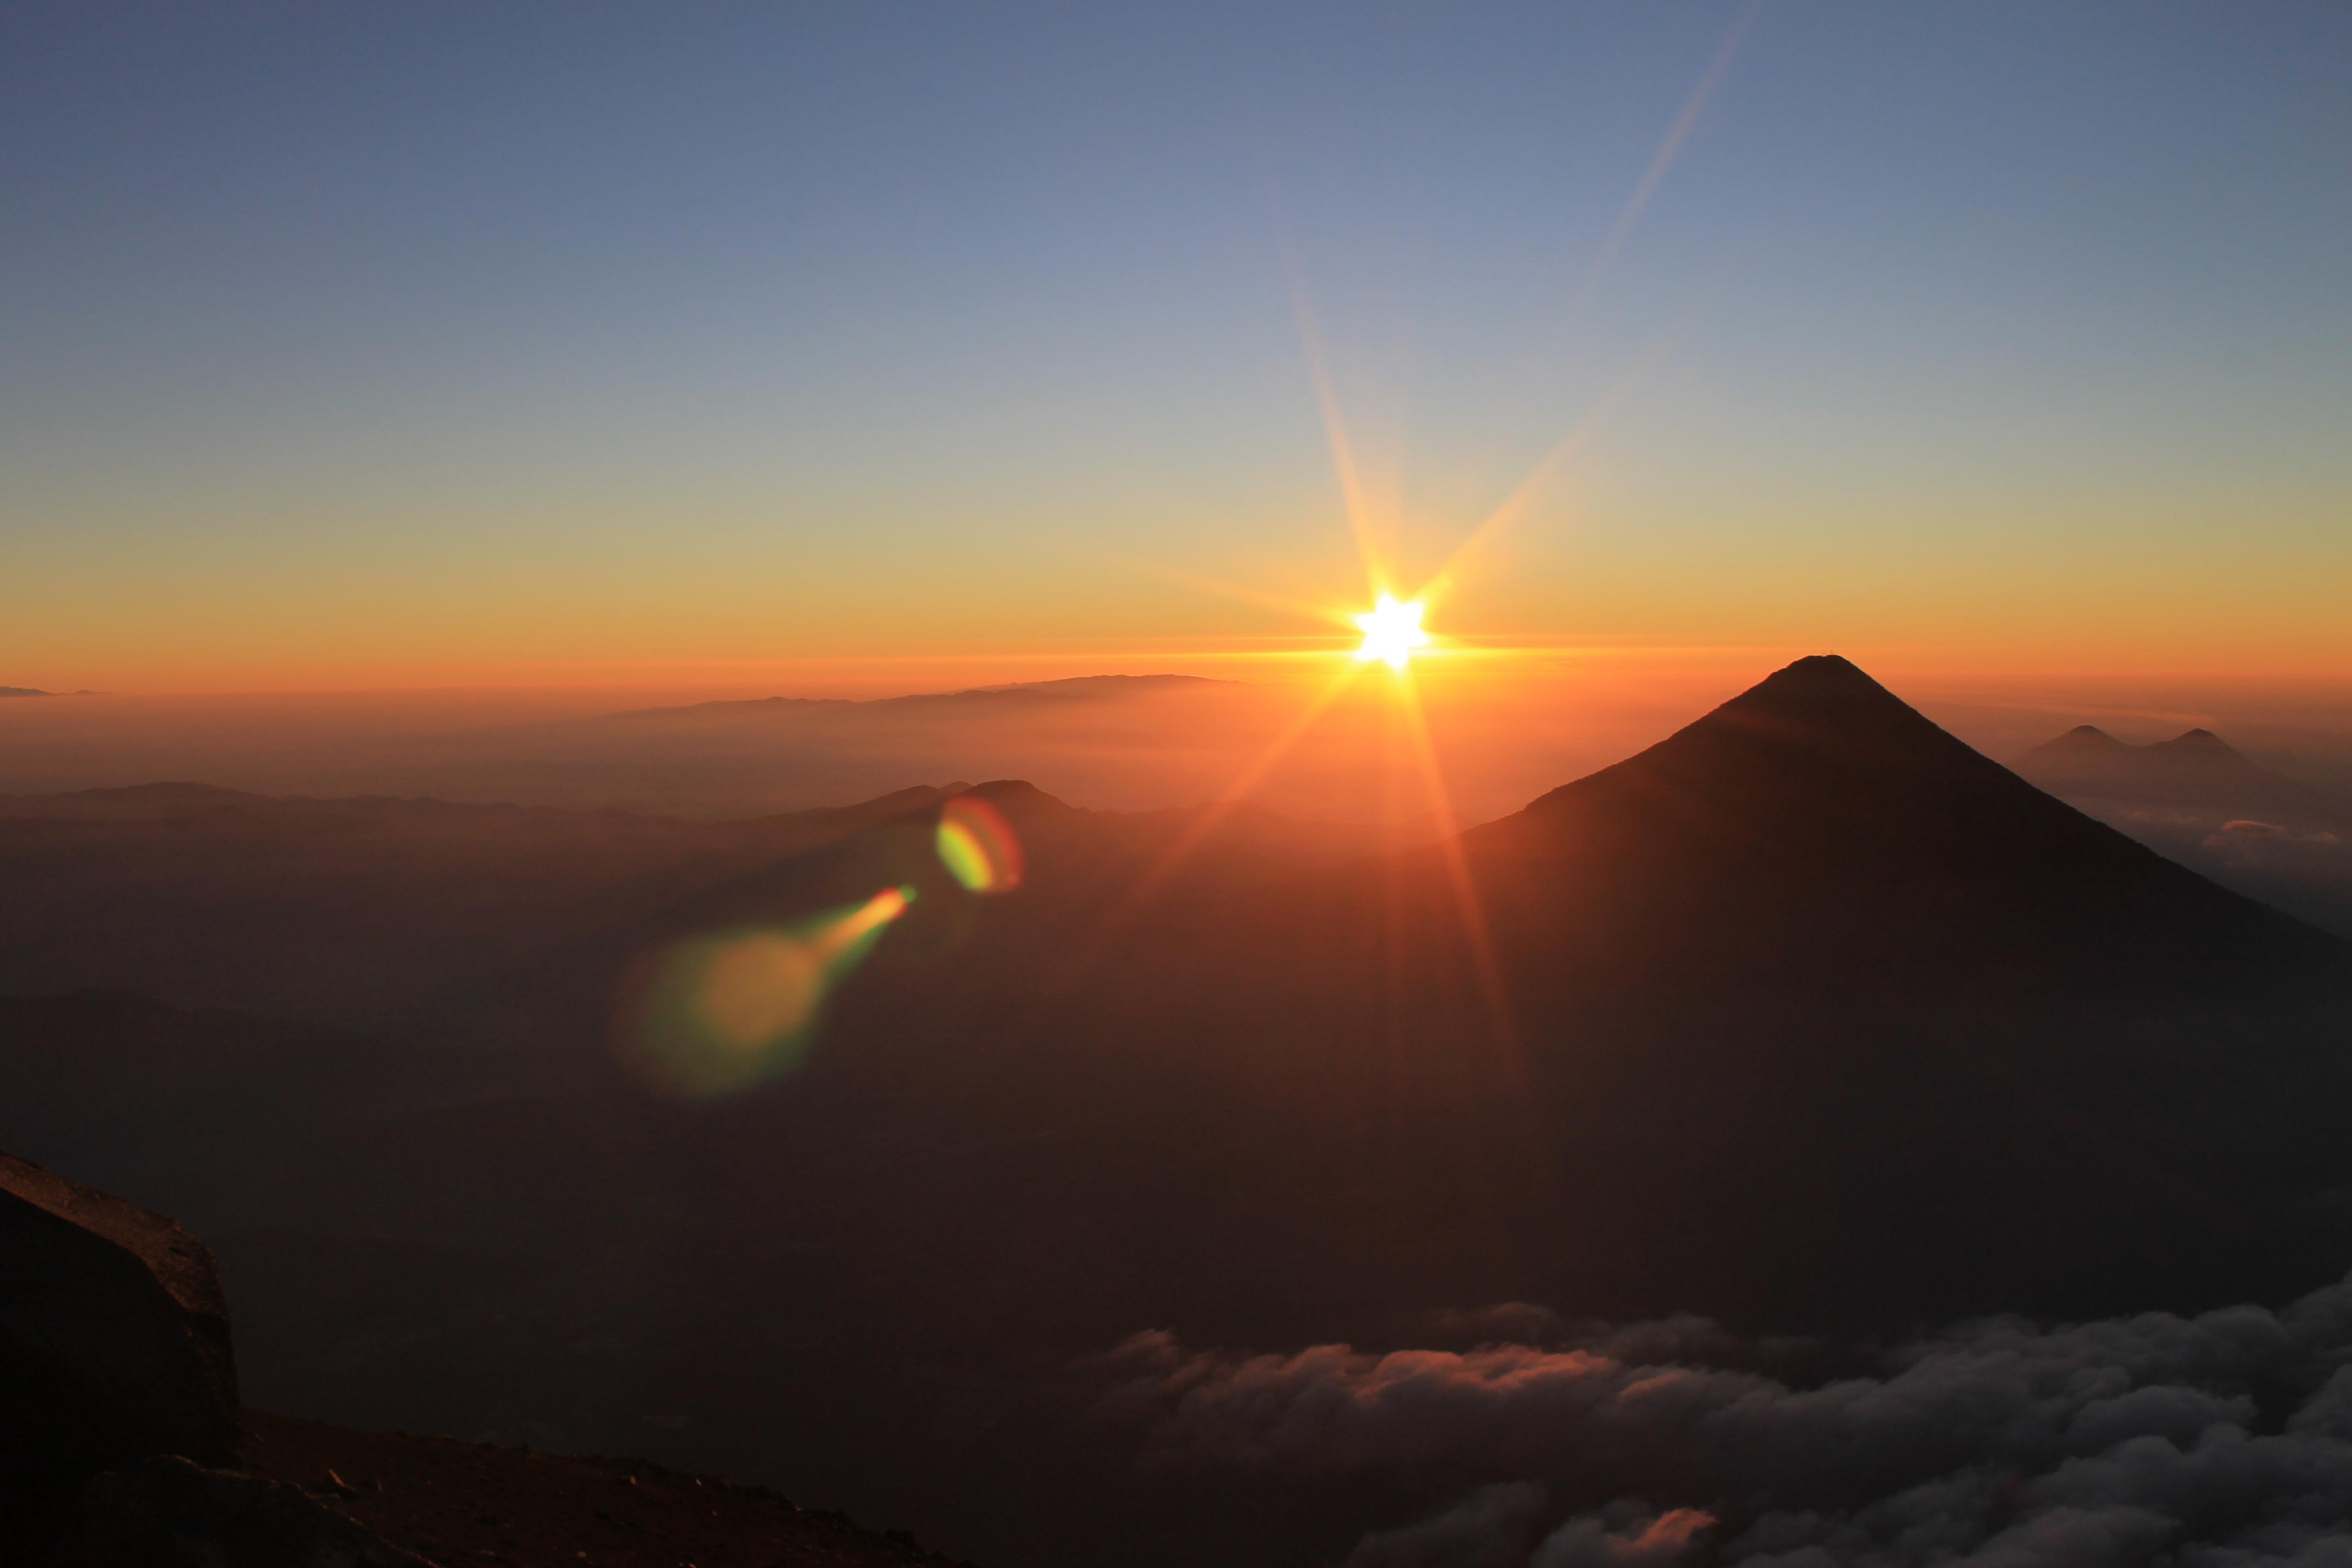 Story of the Month - Sunrise on Acatenango